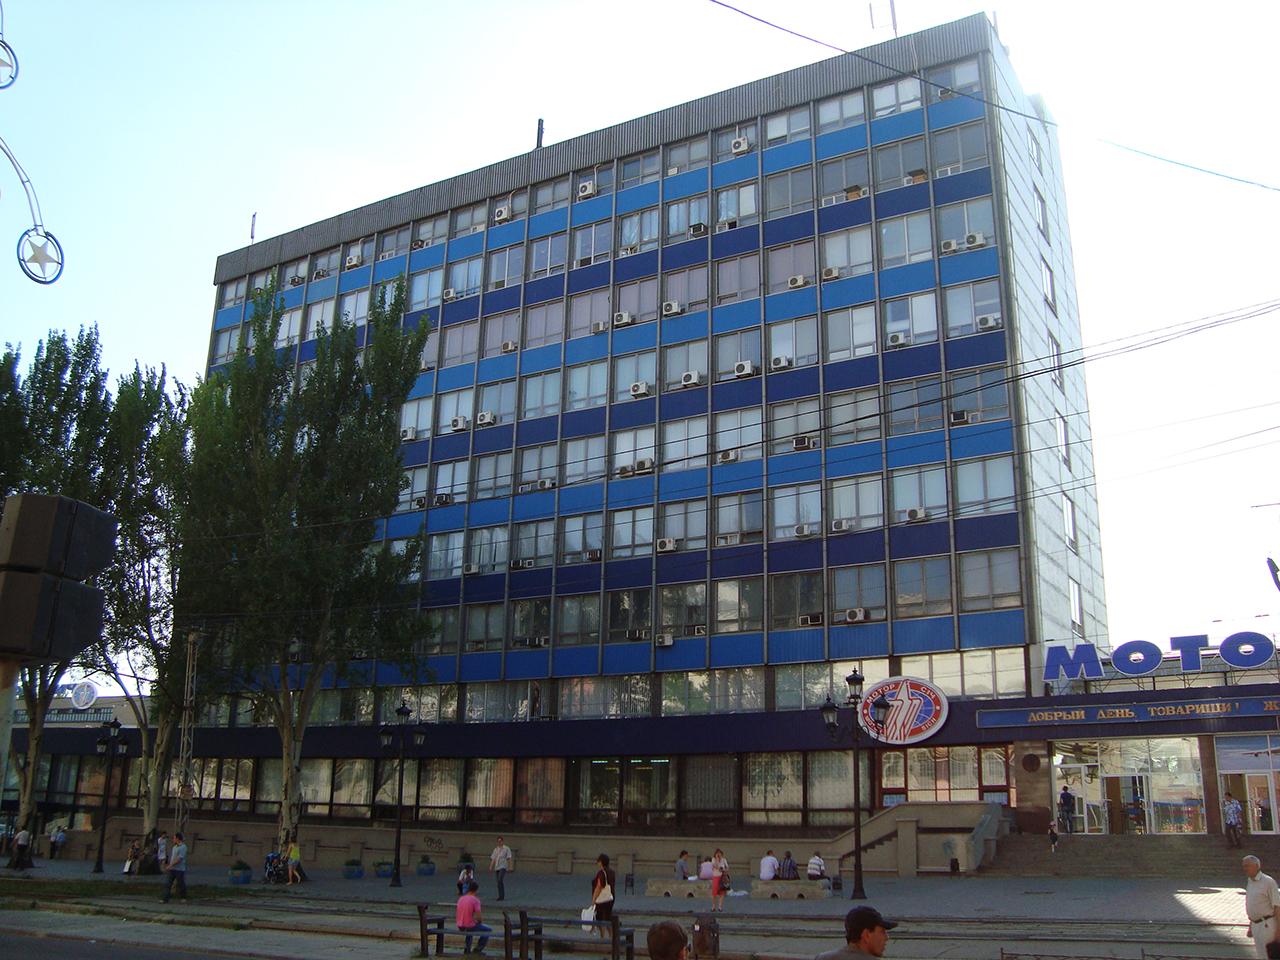 23 апреля сотрудники СБУ провели на заводе в Запорожье, принадлежащем ПАО «Мотор Сич», обыски и выемку документов